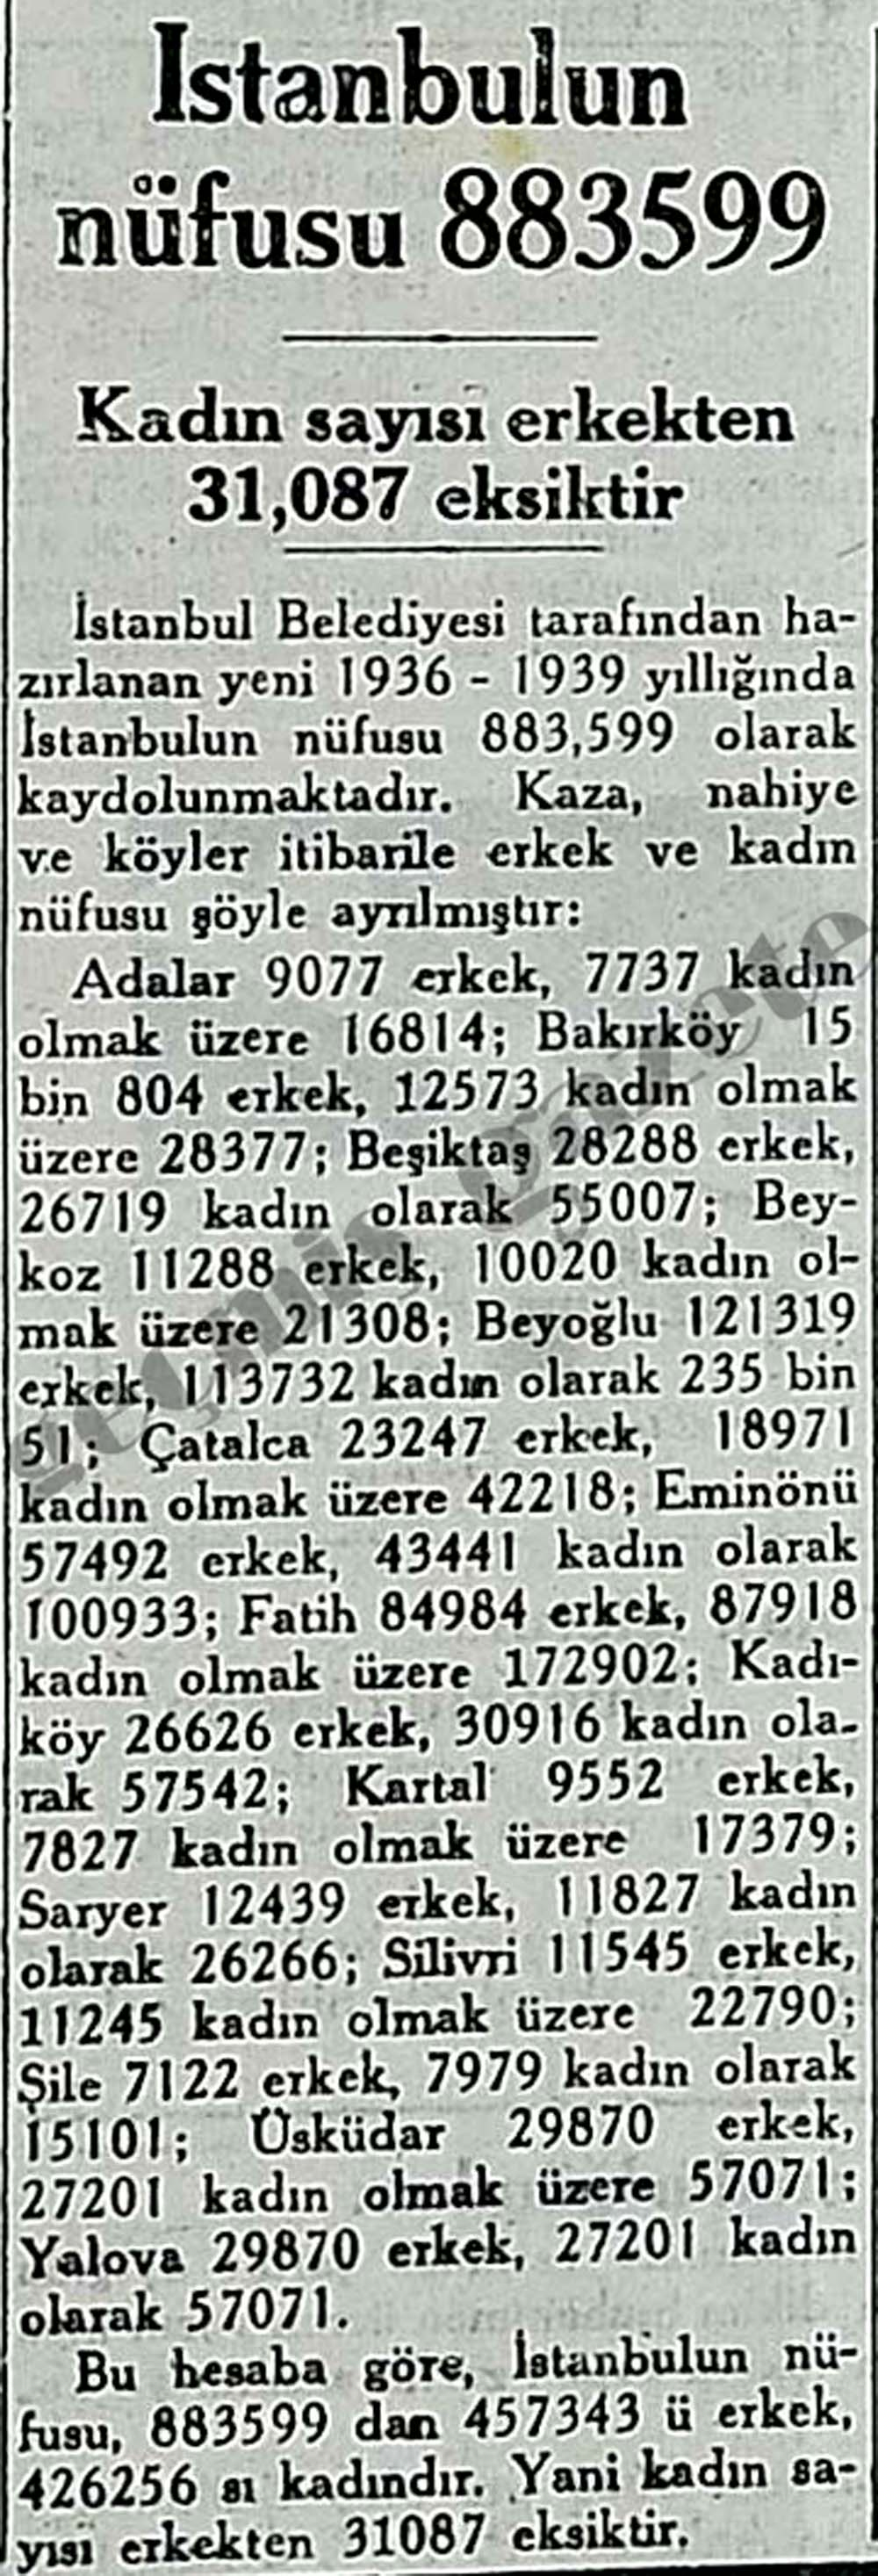 İstanbulun nüfusu 883599, Kadın sayısı erkekten 31,087 eksiktir